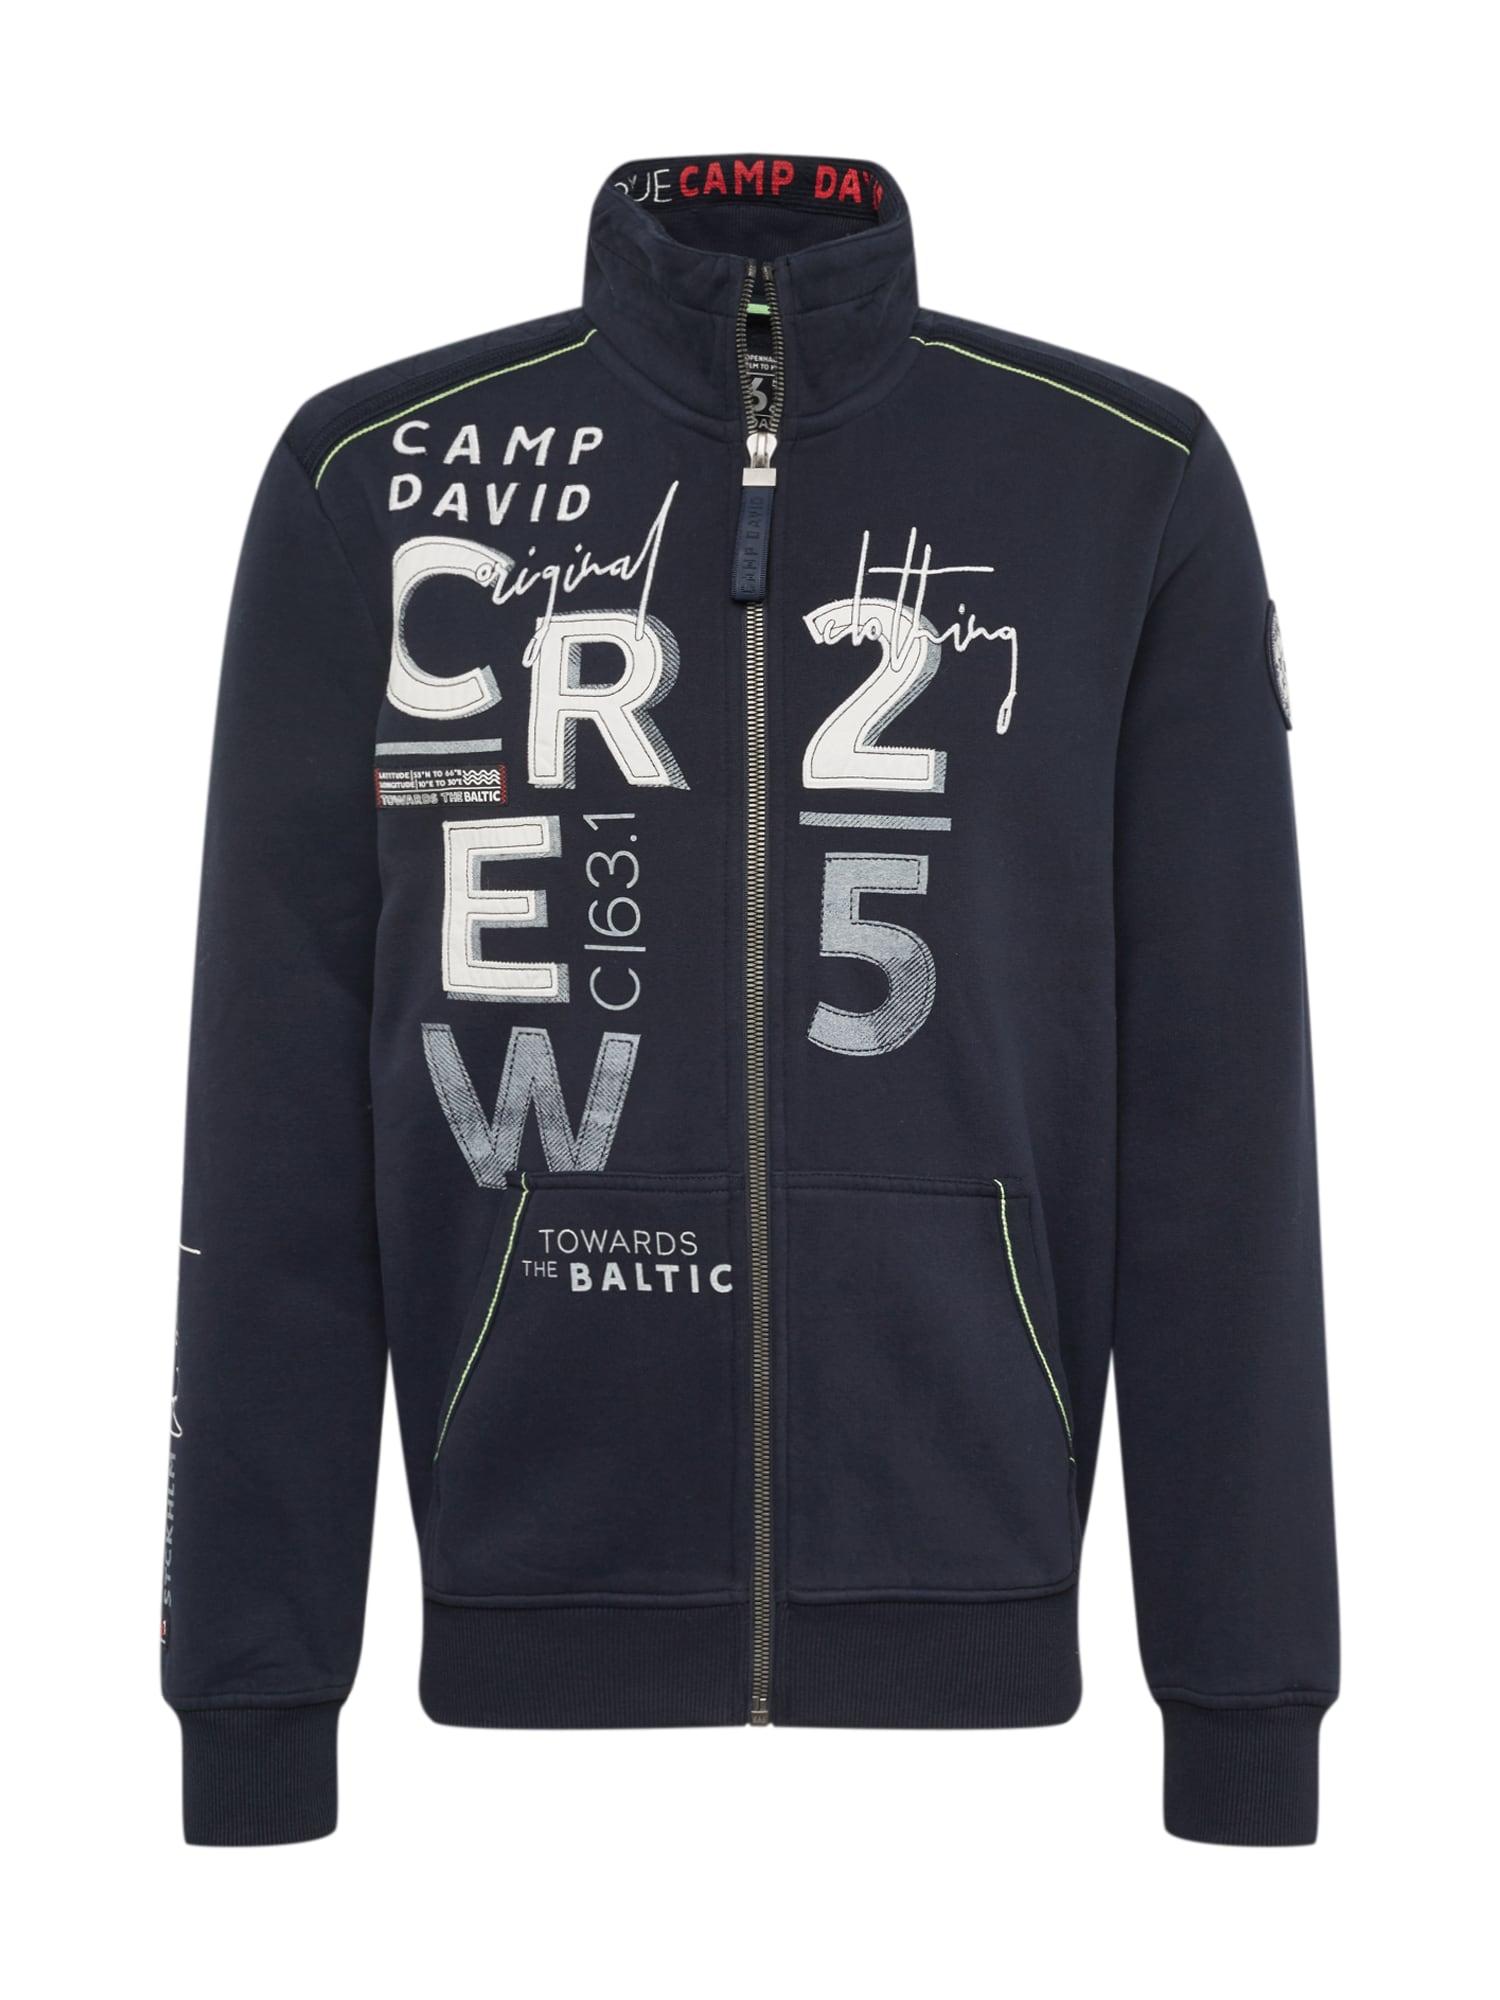 Mikina s kapucí tmavě modrá bílá CAMP DAVID